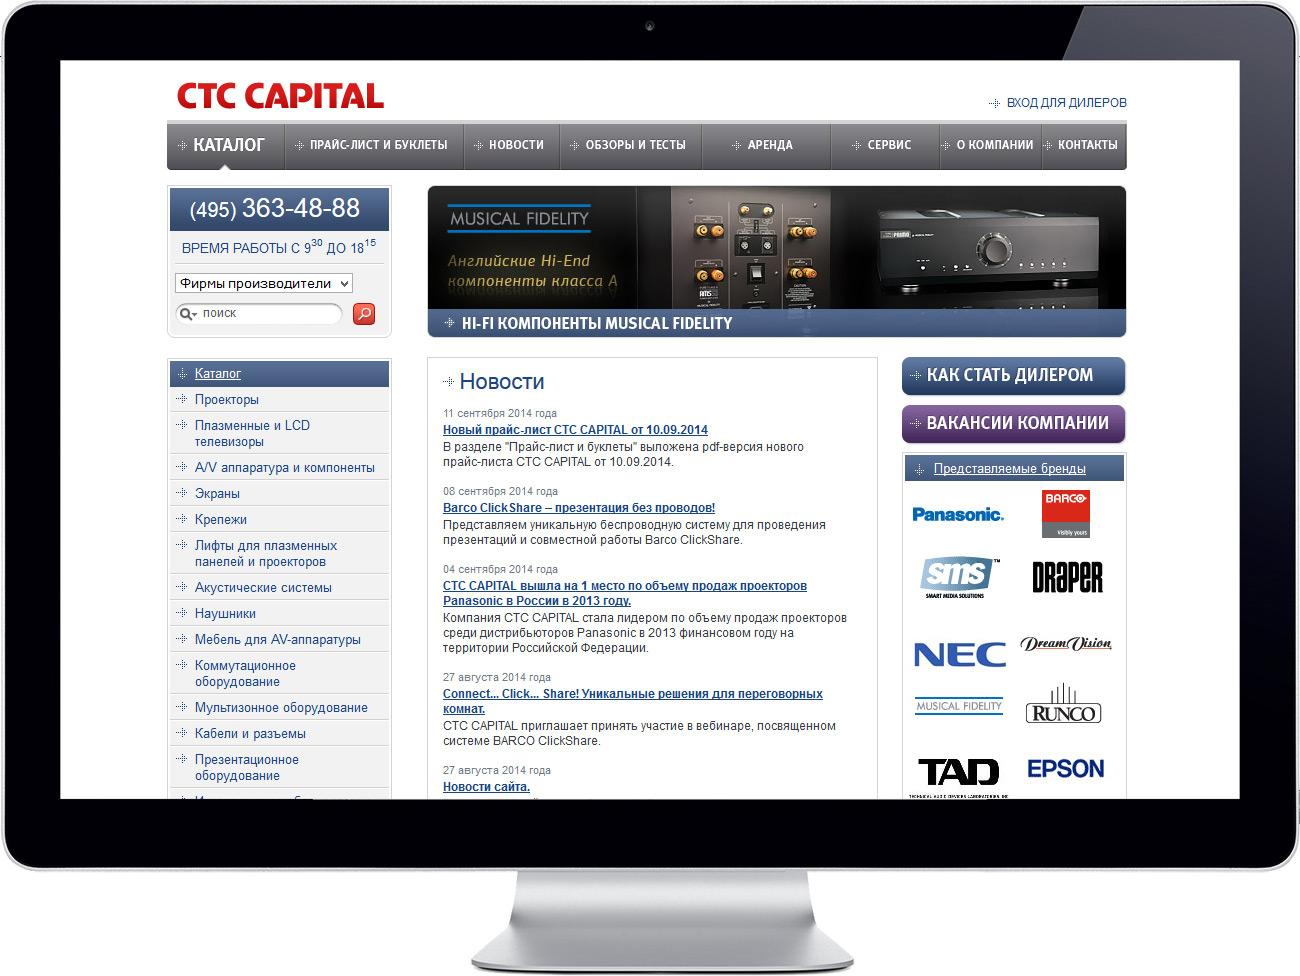 Разработка сайта-каталога CTC CAPITAL